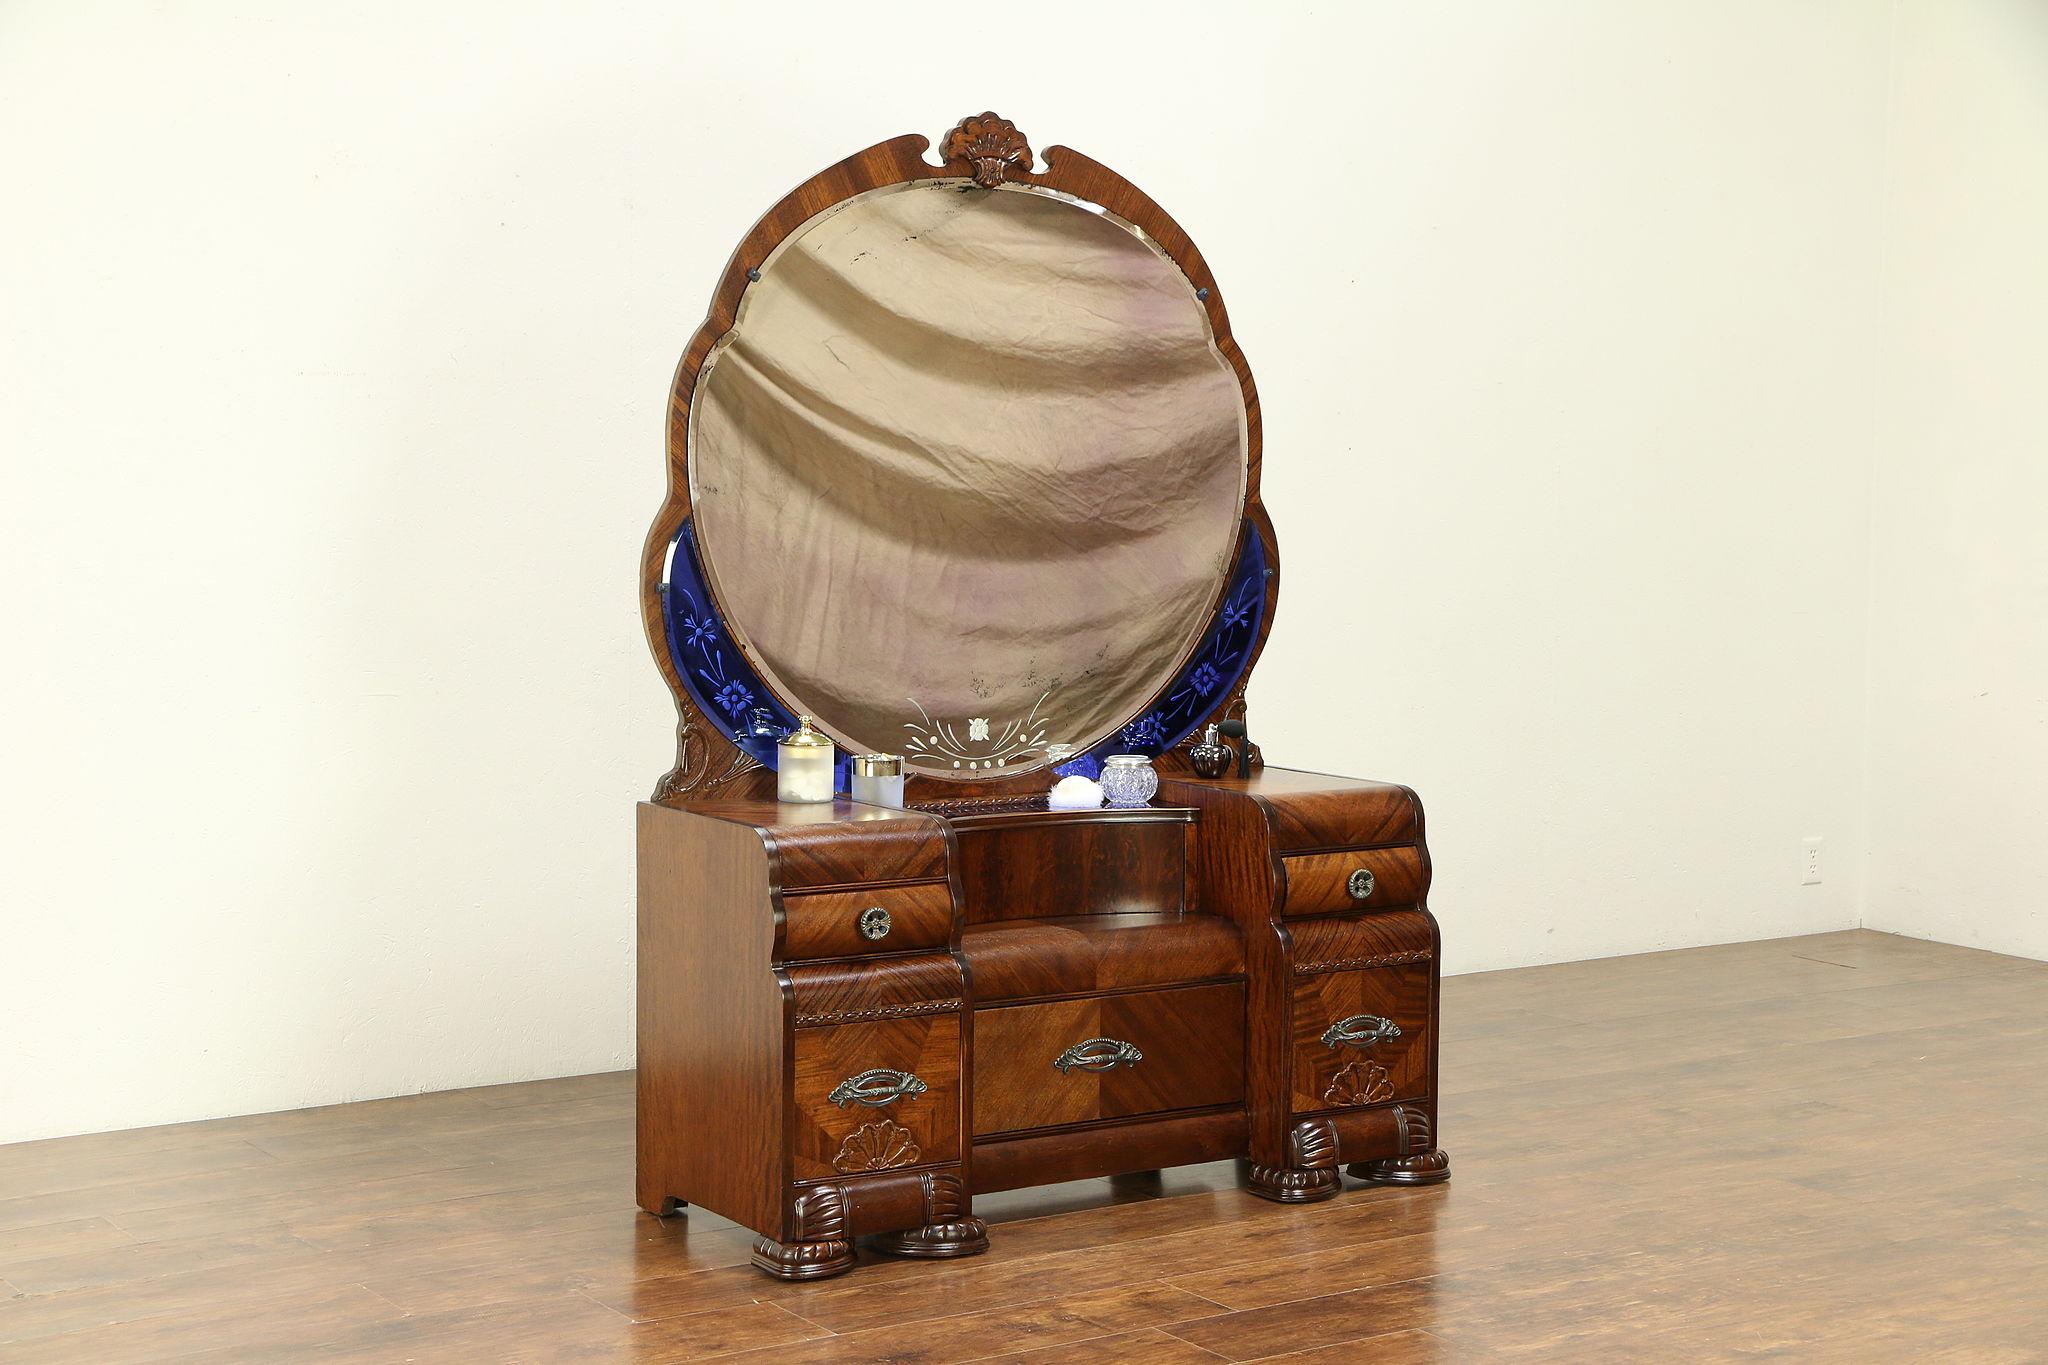 Art Deco Waterfall Vintage Vanity Blue Beveled Mirrors Bakelite Hardware 30710 Photo